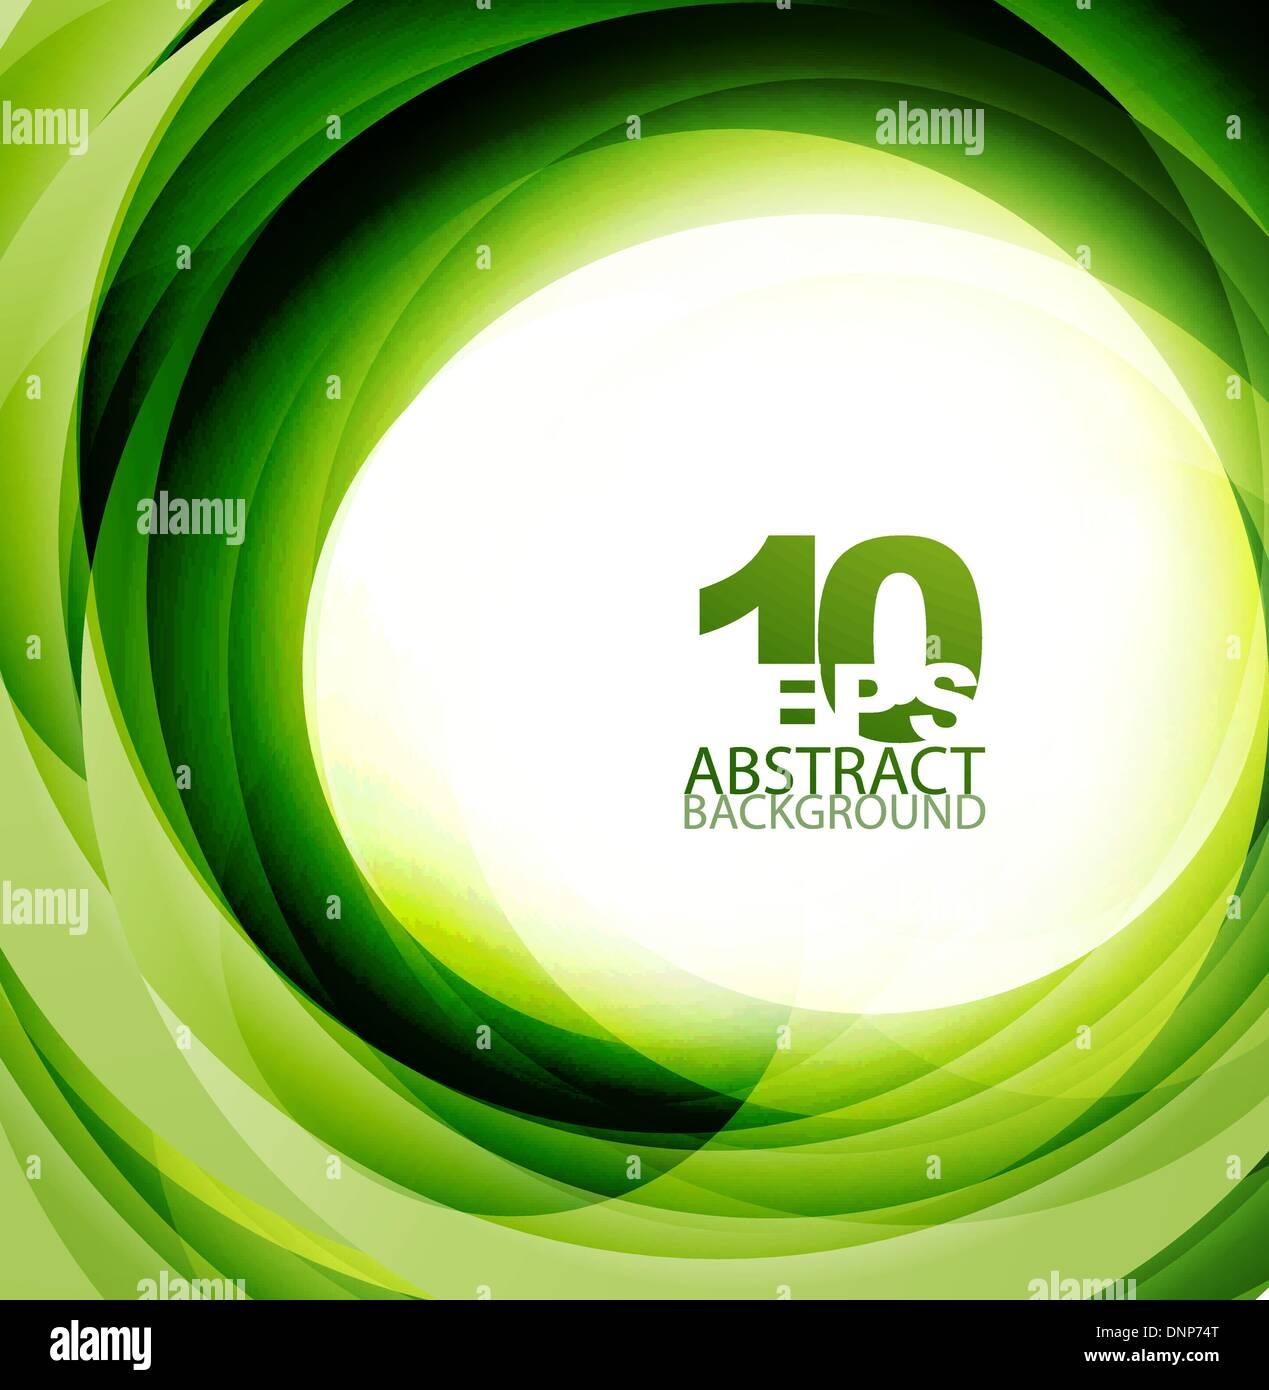 Green eco vecteur tourbillon abstract background Photo Stock